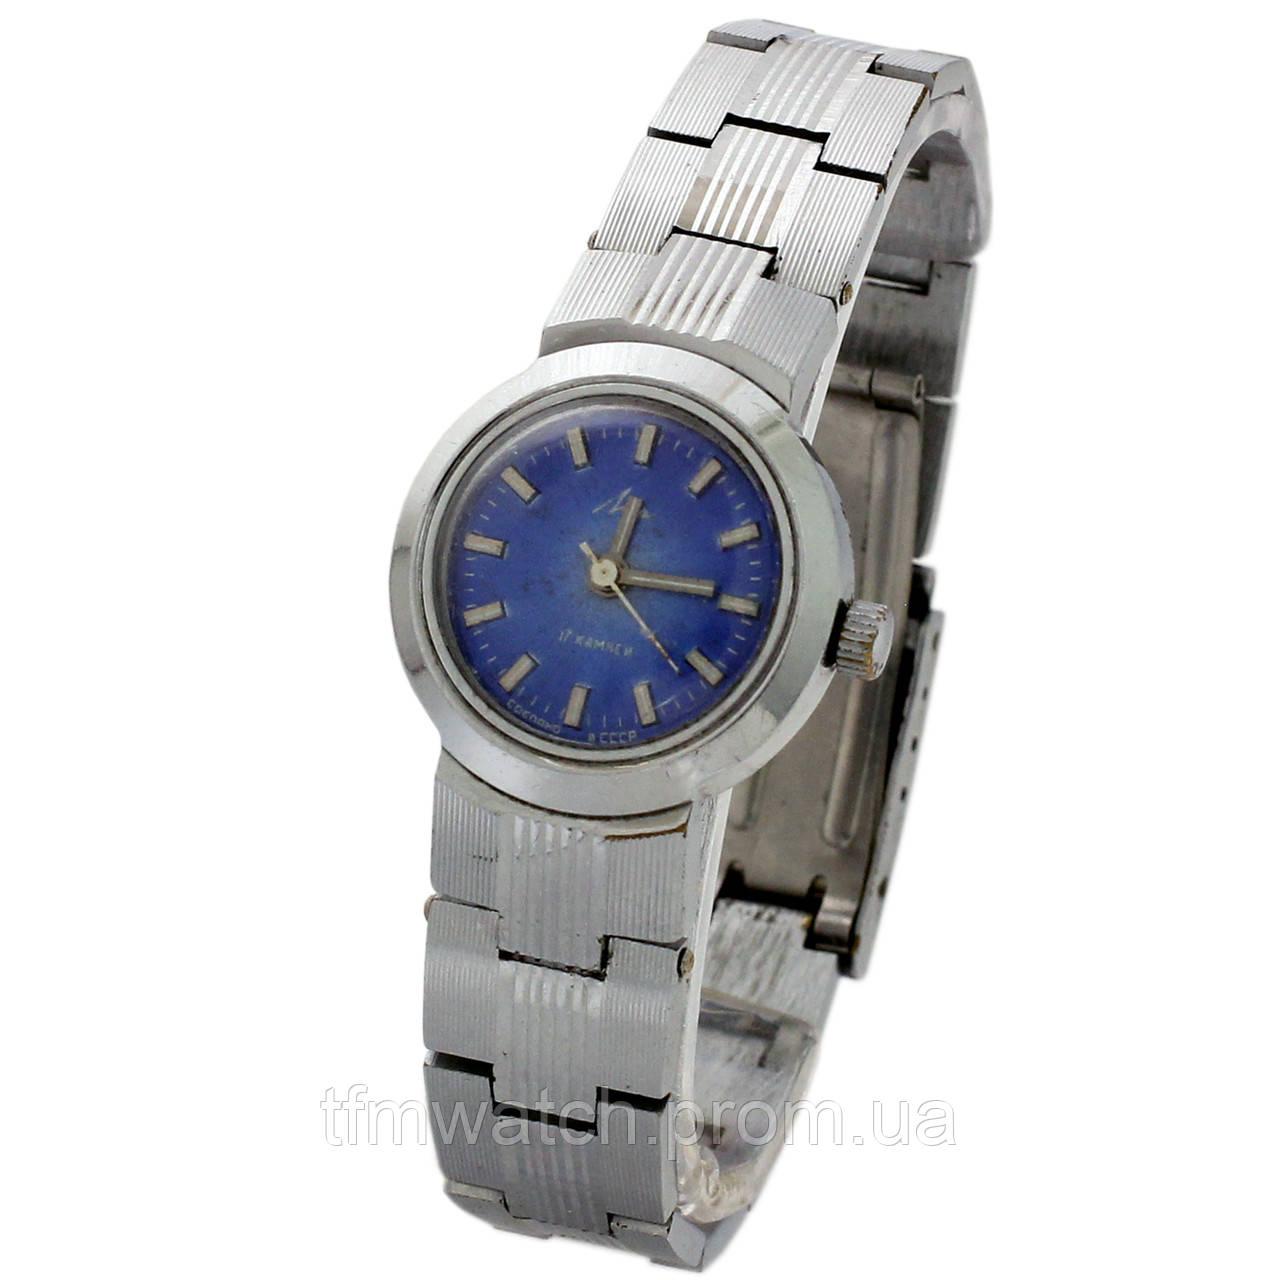 Часы Луч 17 камней сделано в СССР - Магазин старинных, винтажных и  антикварных часов TFMwatch 6733d1e3ba7